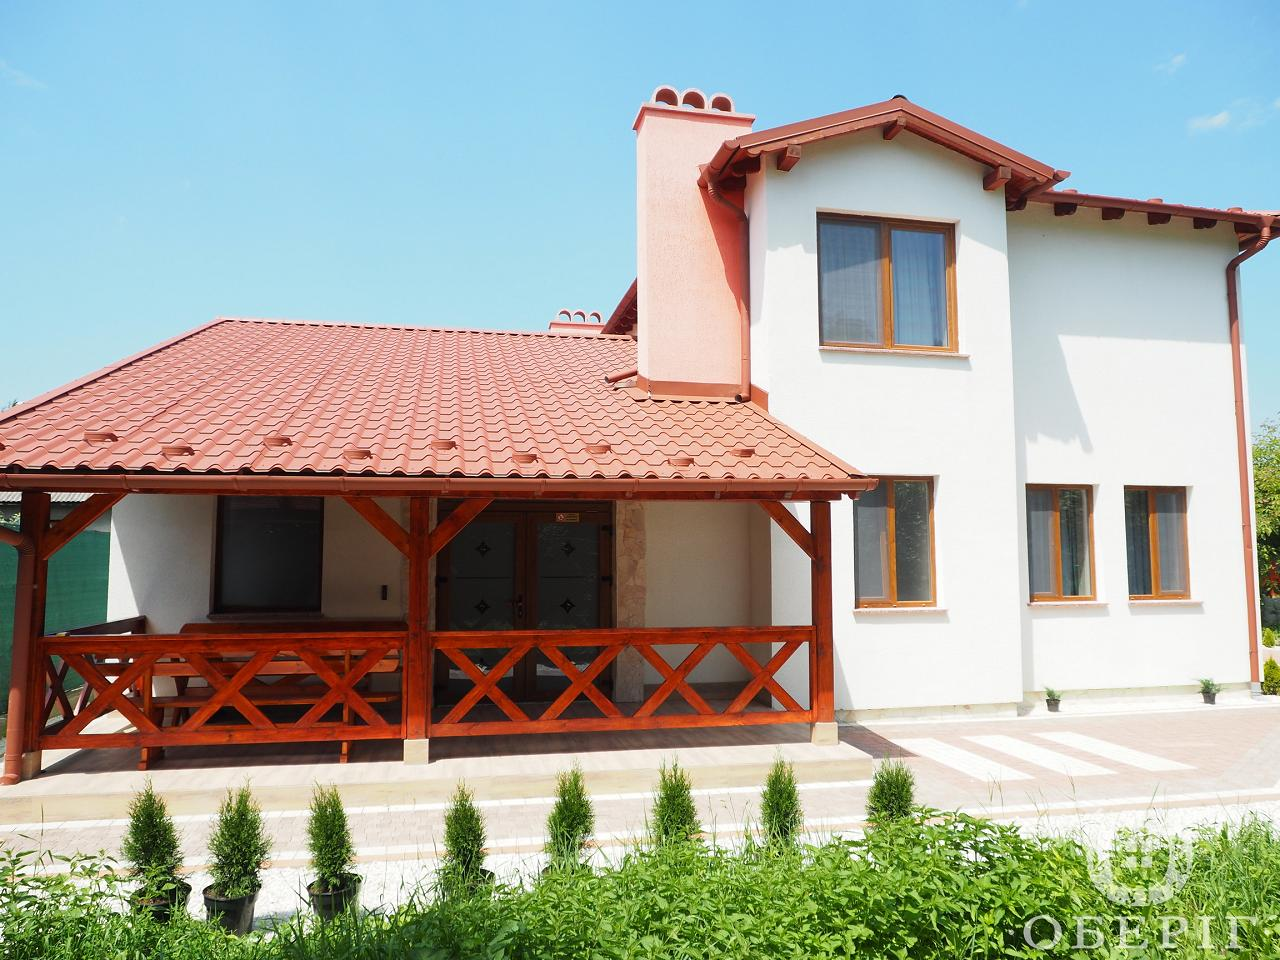 Двухэтажный коттедж-апартаменты люкс с двумя спальнями (2)